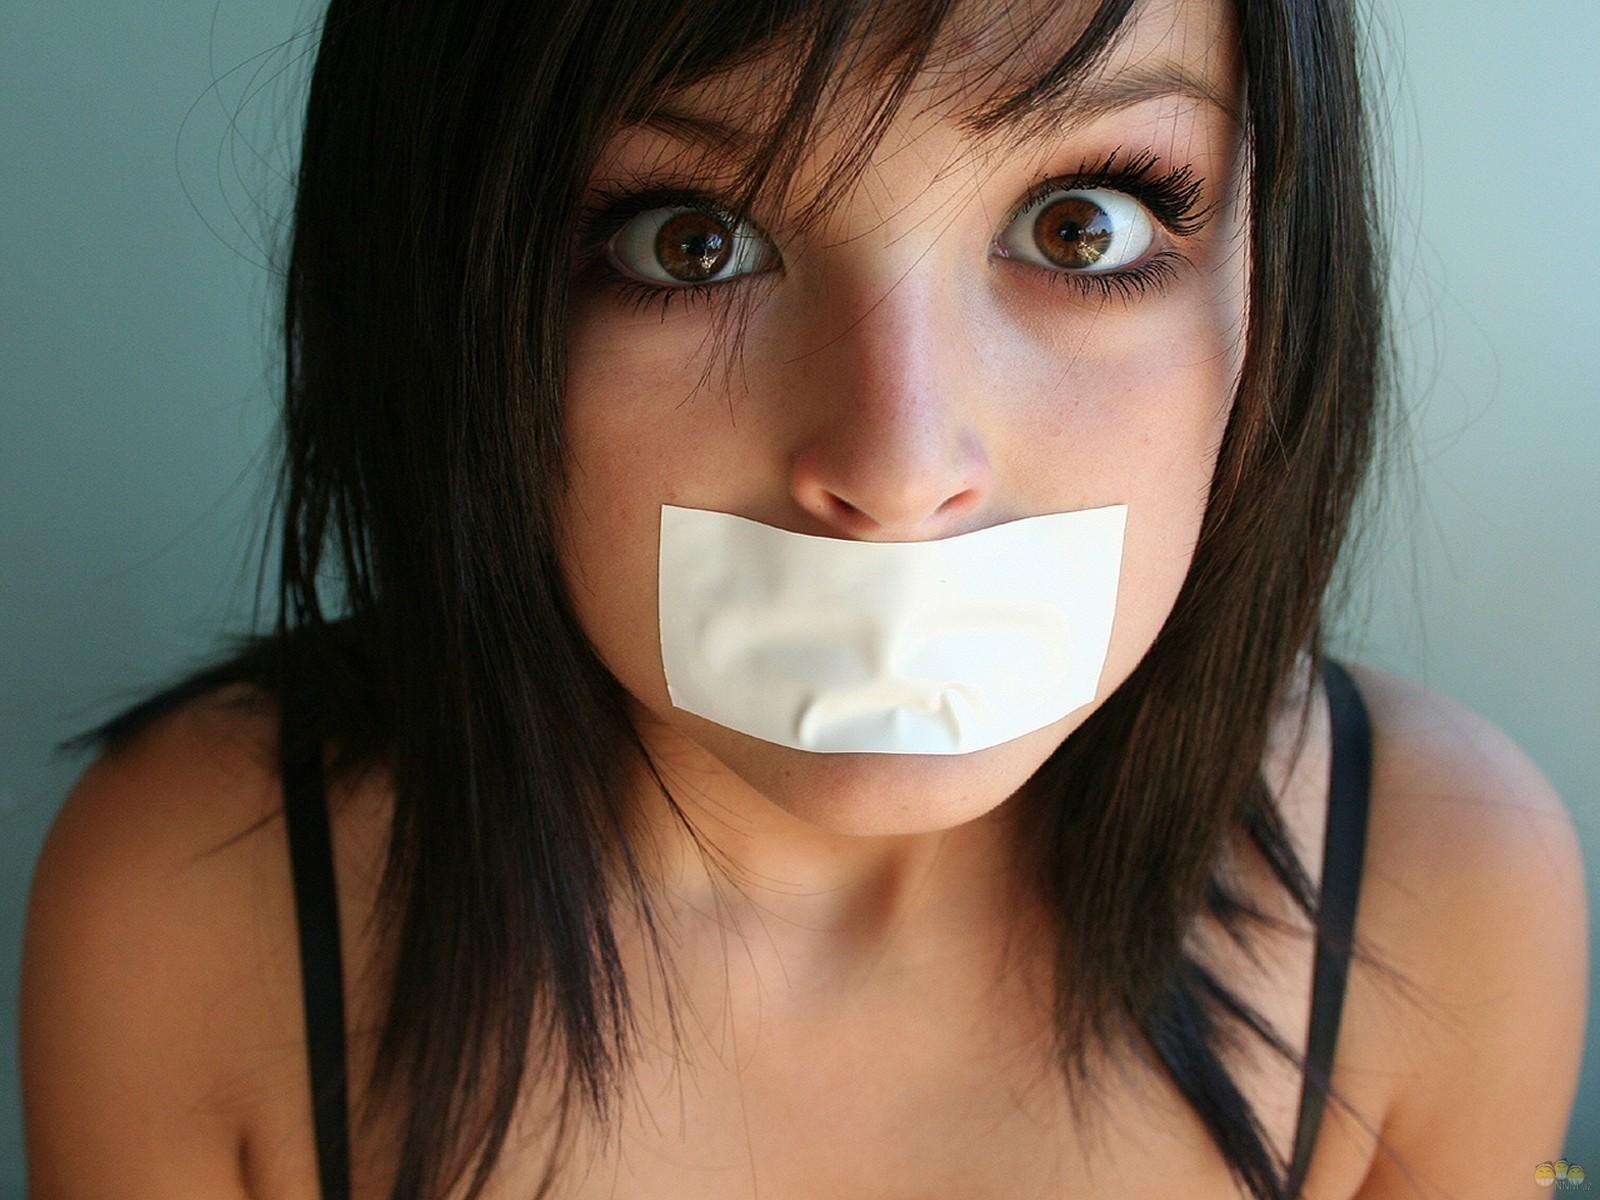 Самый большой рот у девушки фото 22 фотография